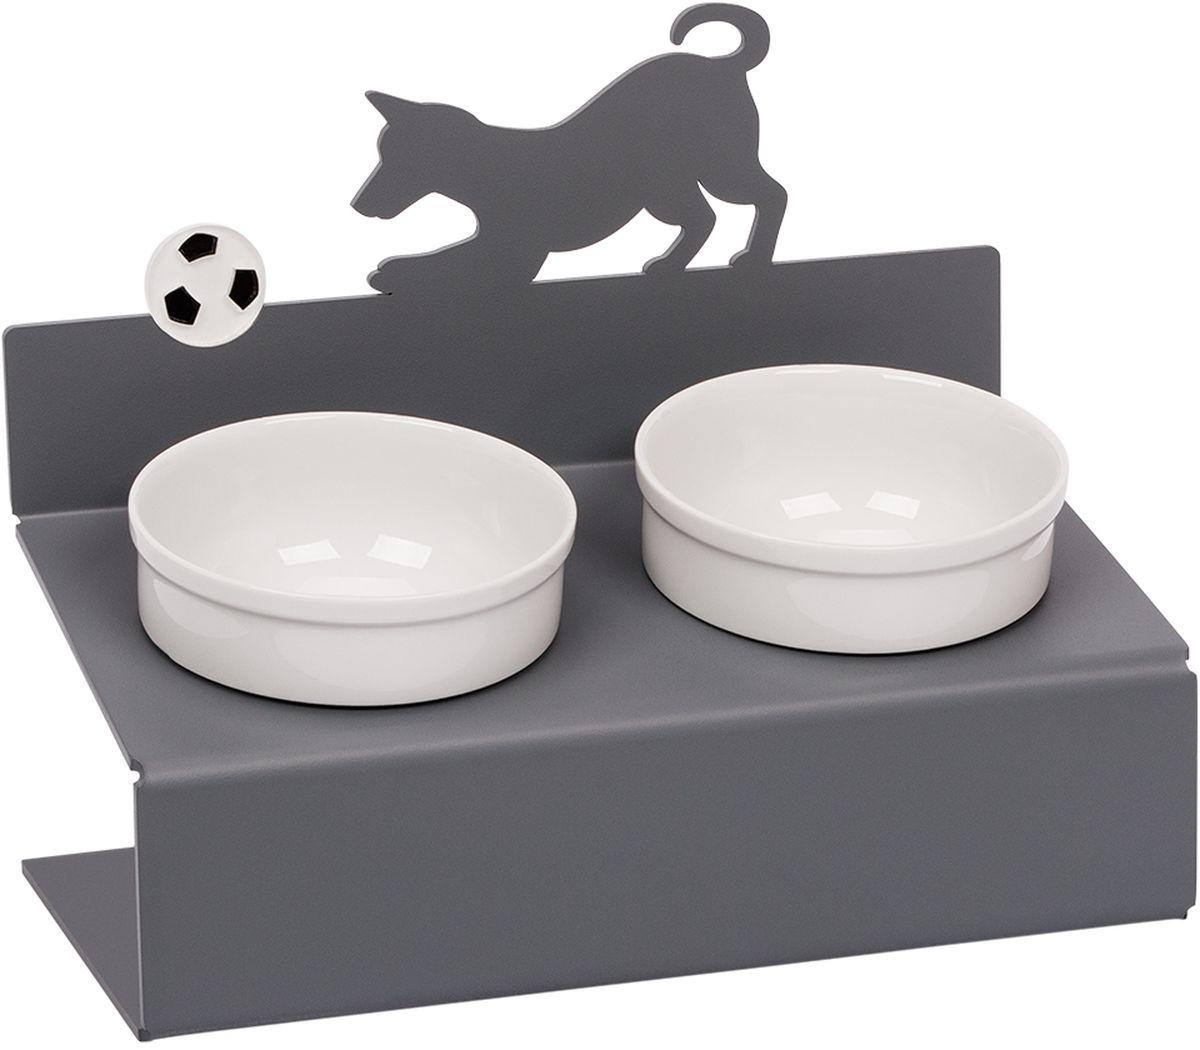 Миска для животныx Artmiska  Собака и мяч , двойная, на подставке, цвет: серый, 2 x 350 мл - Аксессуары для кормления